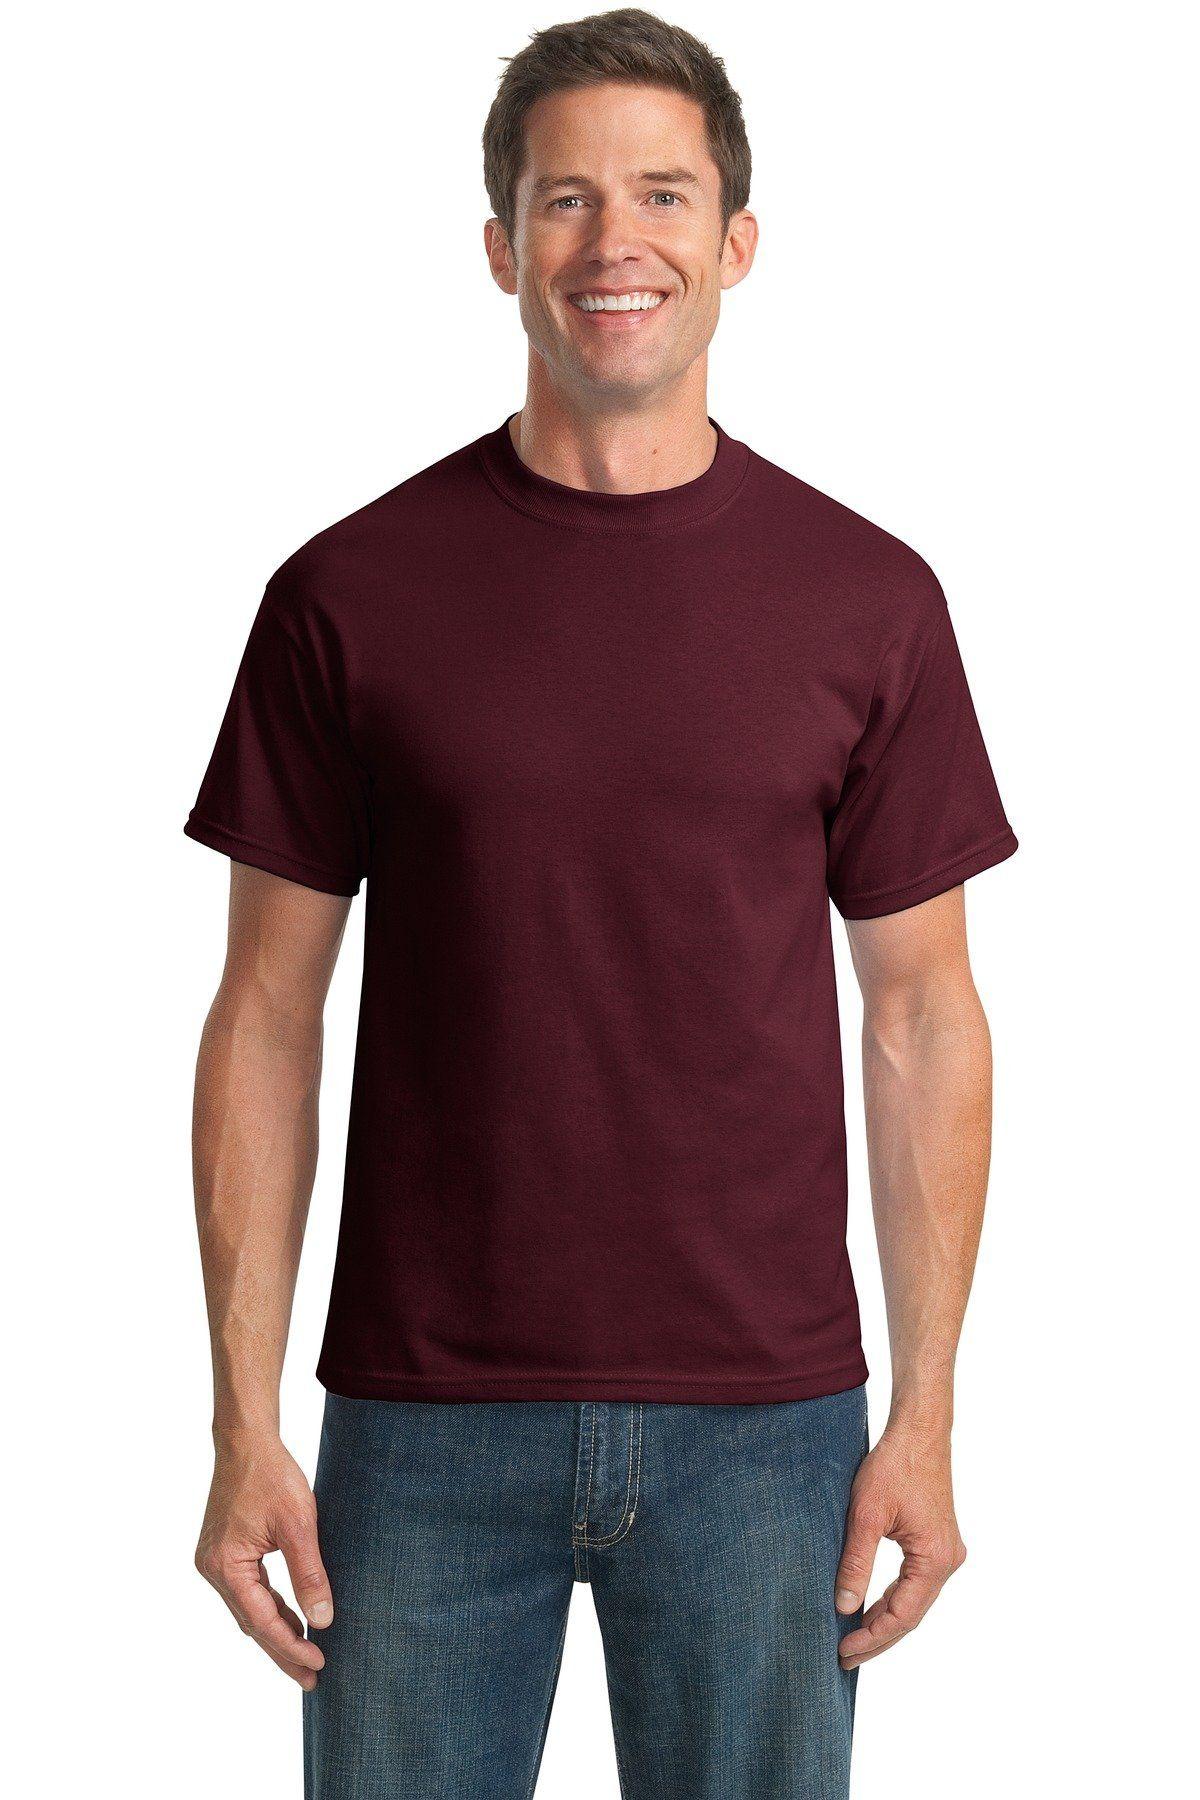 Gildan Ultra Cotton Tall T-Shirt,Charcoal,XLT